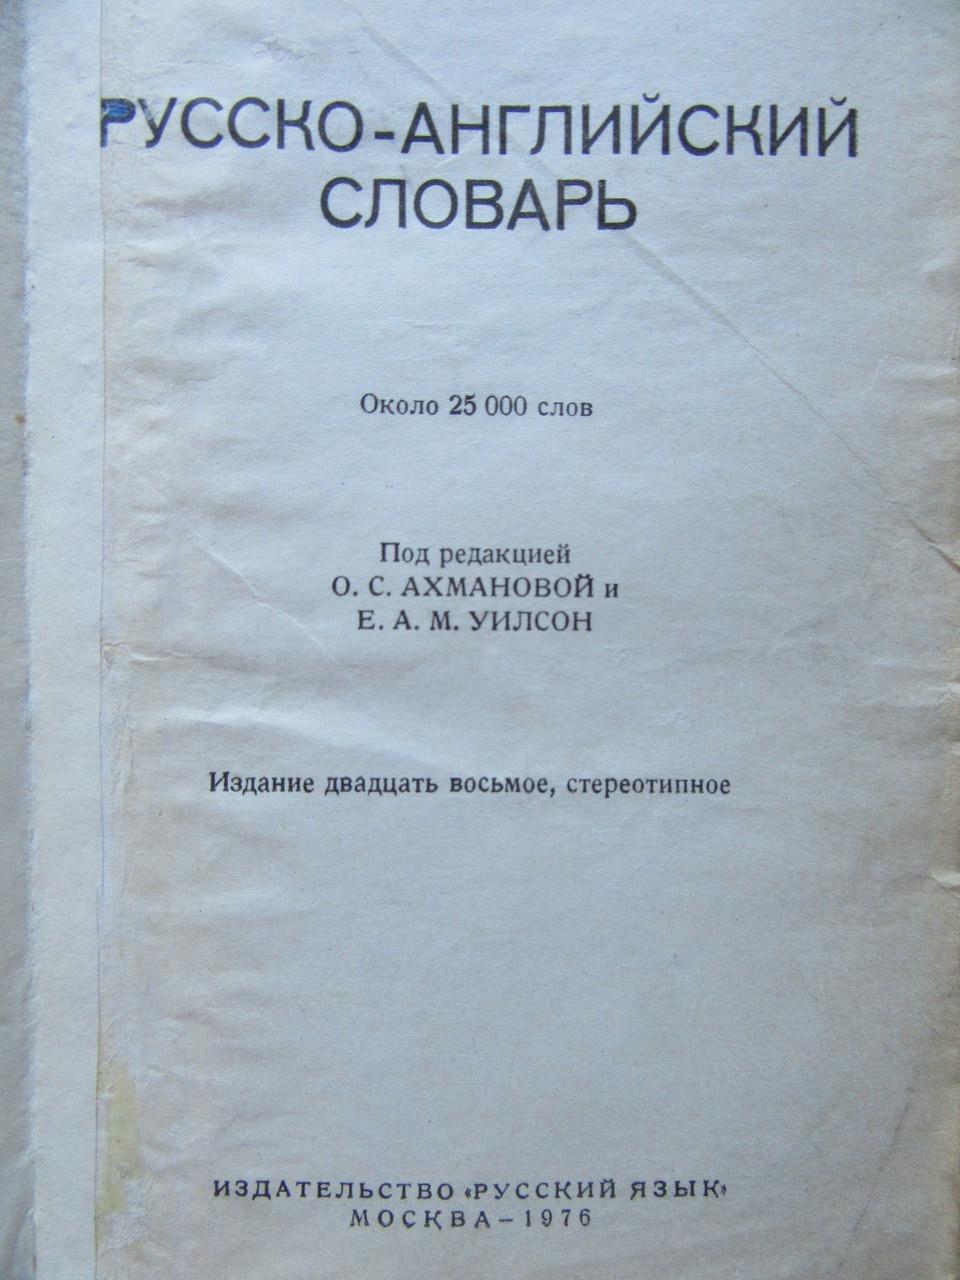 Русско-английский словарь. Под редакцией О.С.Ахмановой и Е.А.М.Уилсон. Около 25 тысяч слов. 1976г